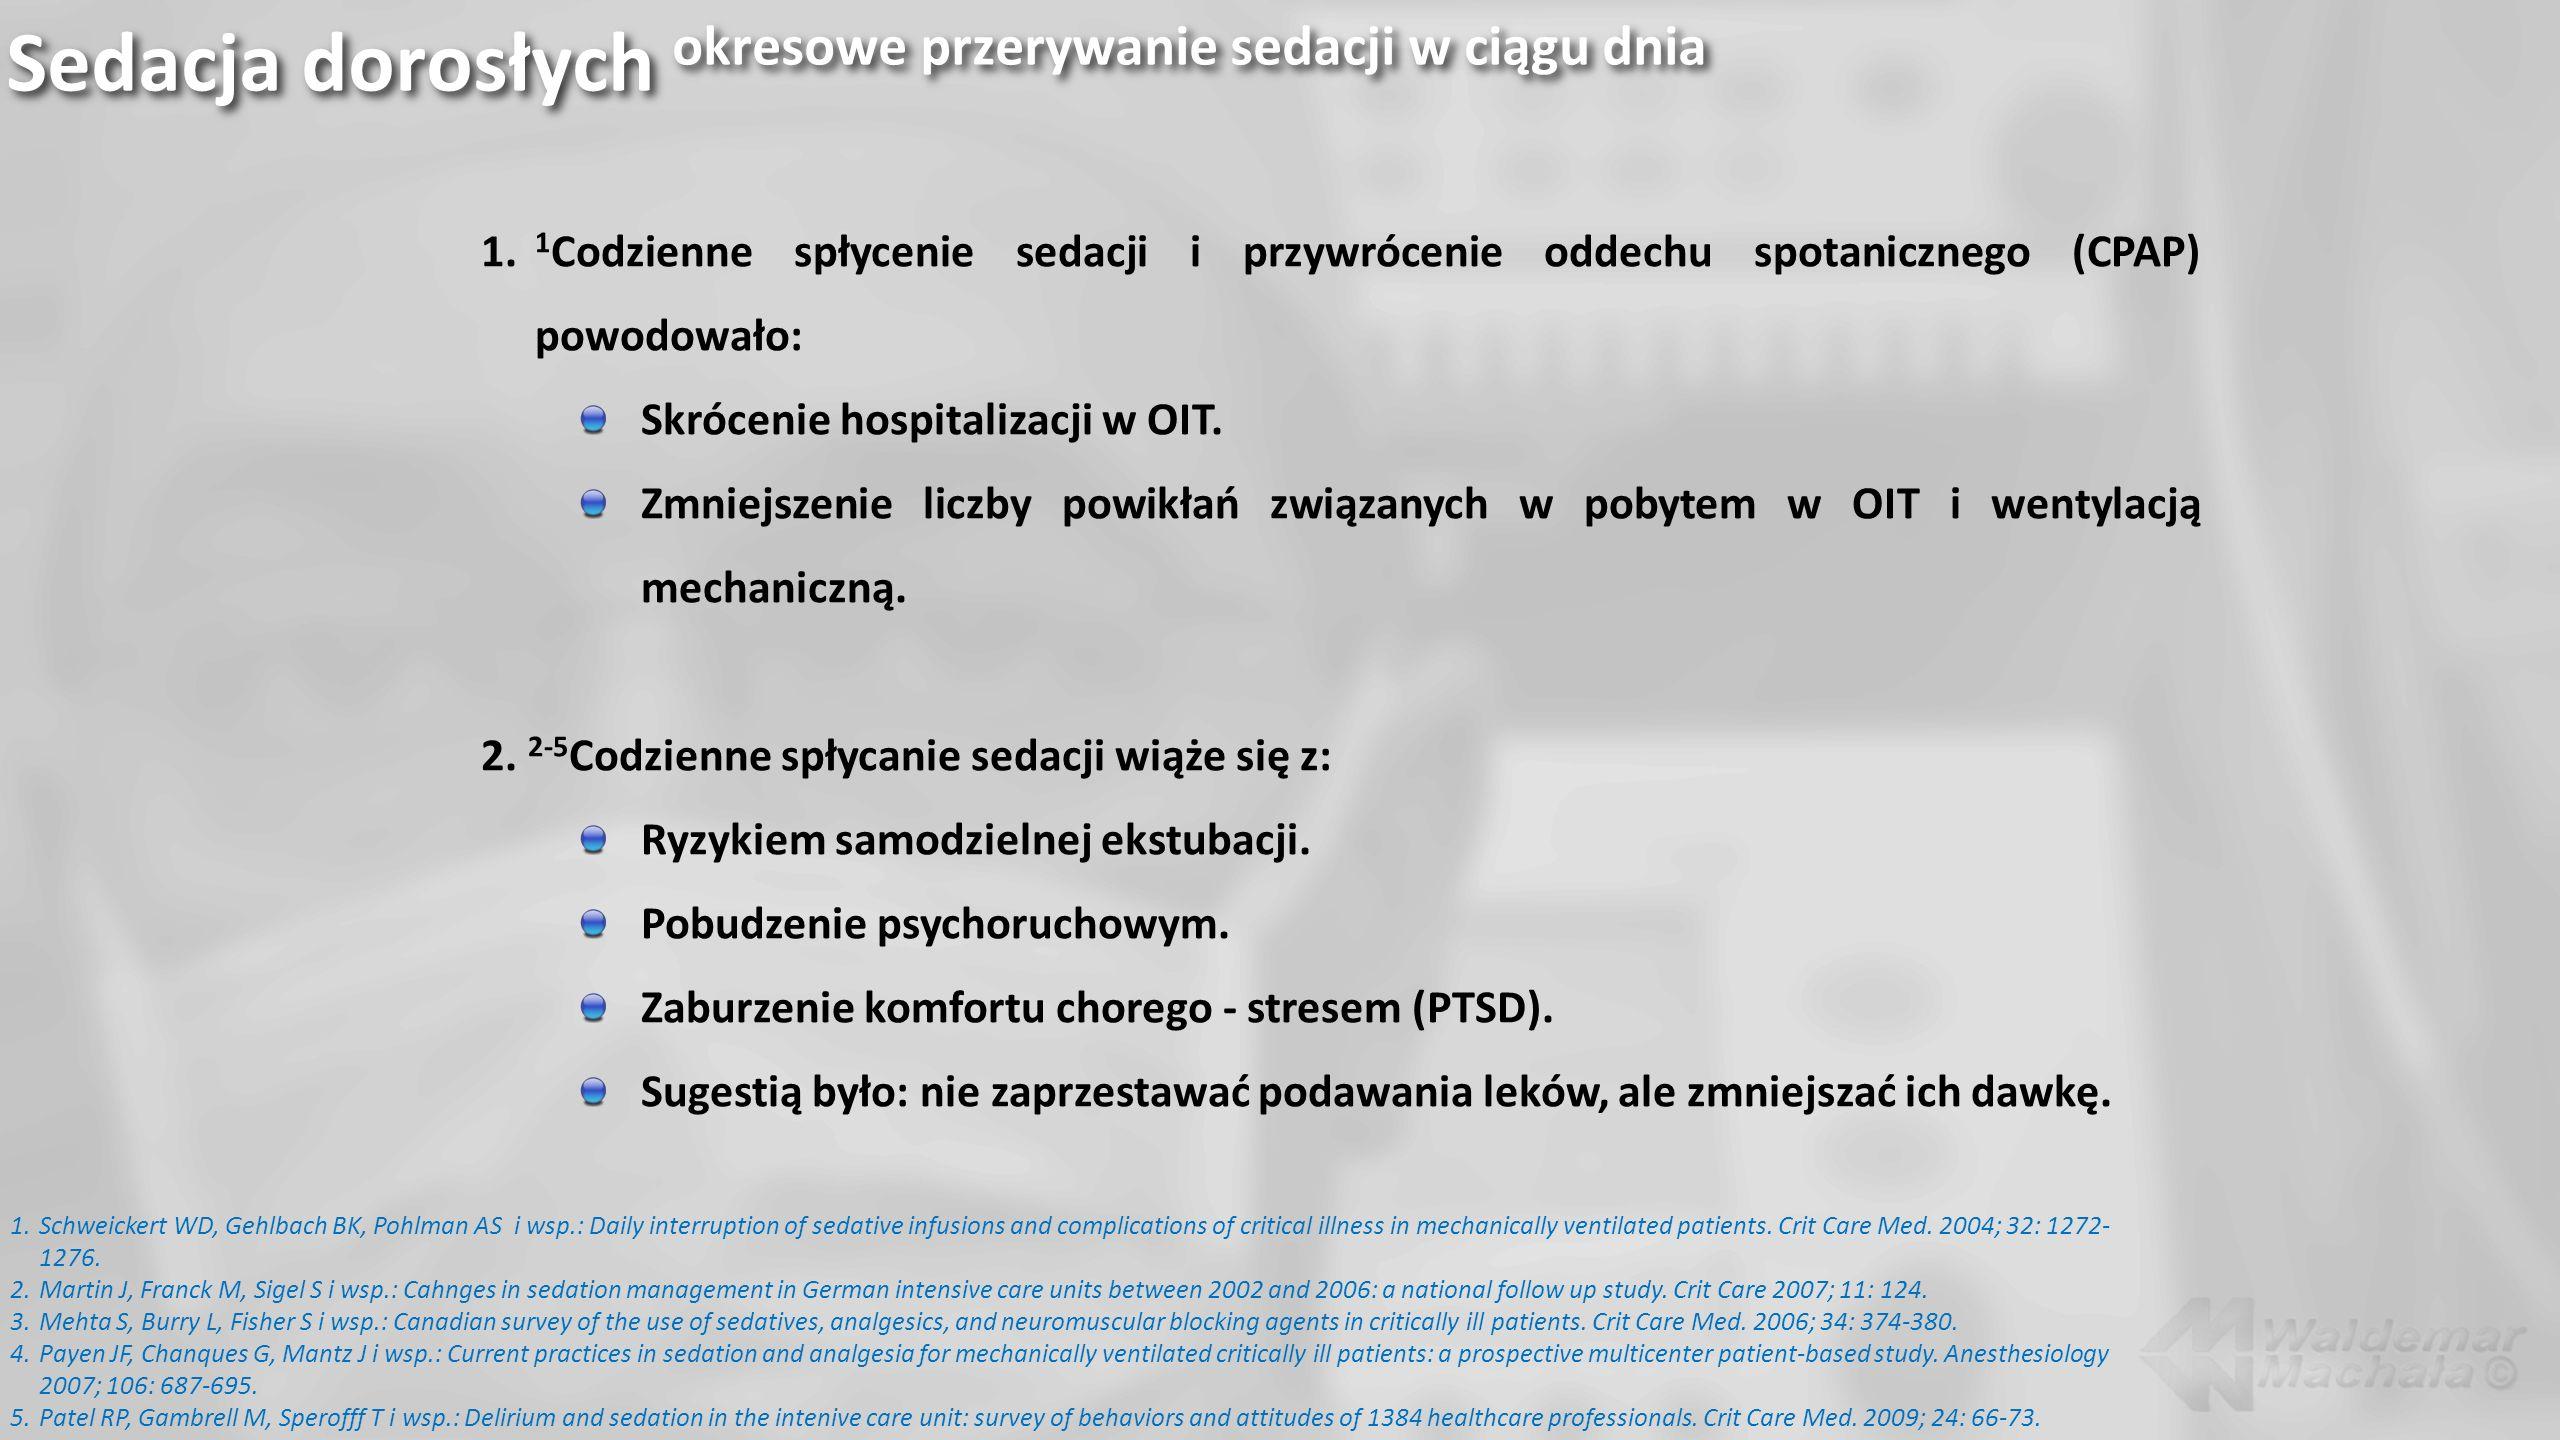 Sedacja dorosłych okresowe przerywanie sedacji w ciągu dnia 1.Schweickert WD, Gehlbach BK, Pohlman AS i wsp.: Daily interruption of sedative infusions